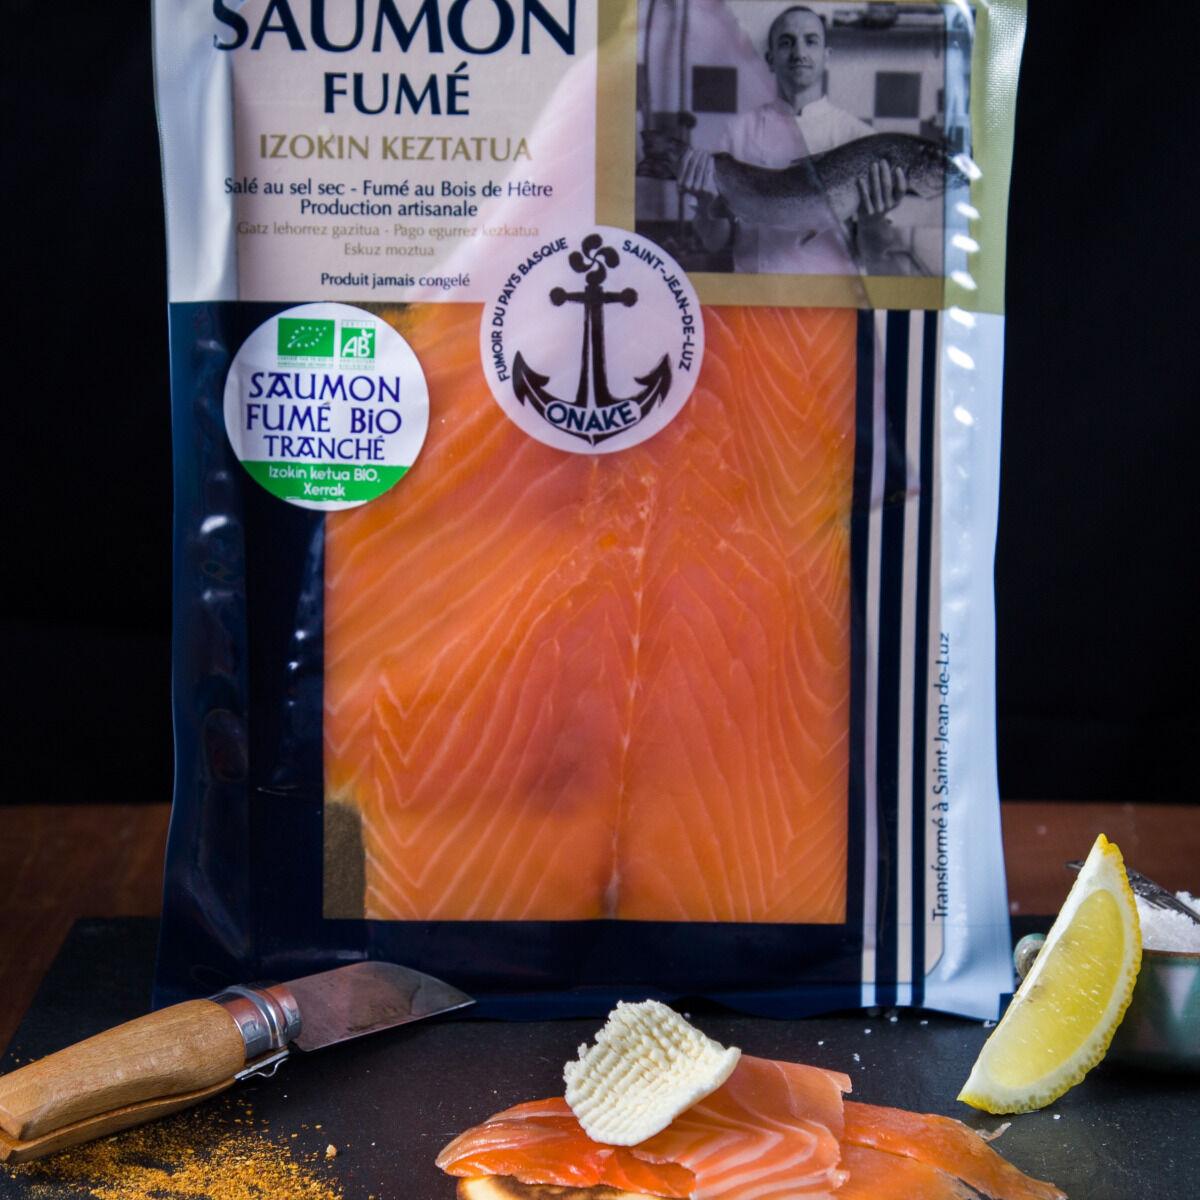 ONAKE - Le Fumoir du Pays Basque Tranches de Saumon Bio Irlandais, Fumé au Bois de Hêtre, Au Piment d'Espelette - 4 Pers